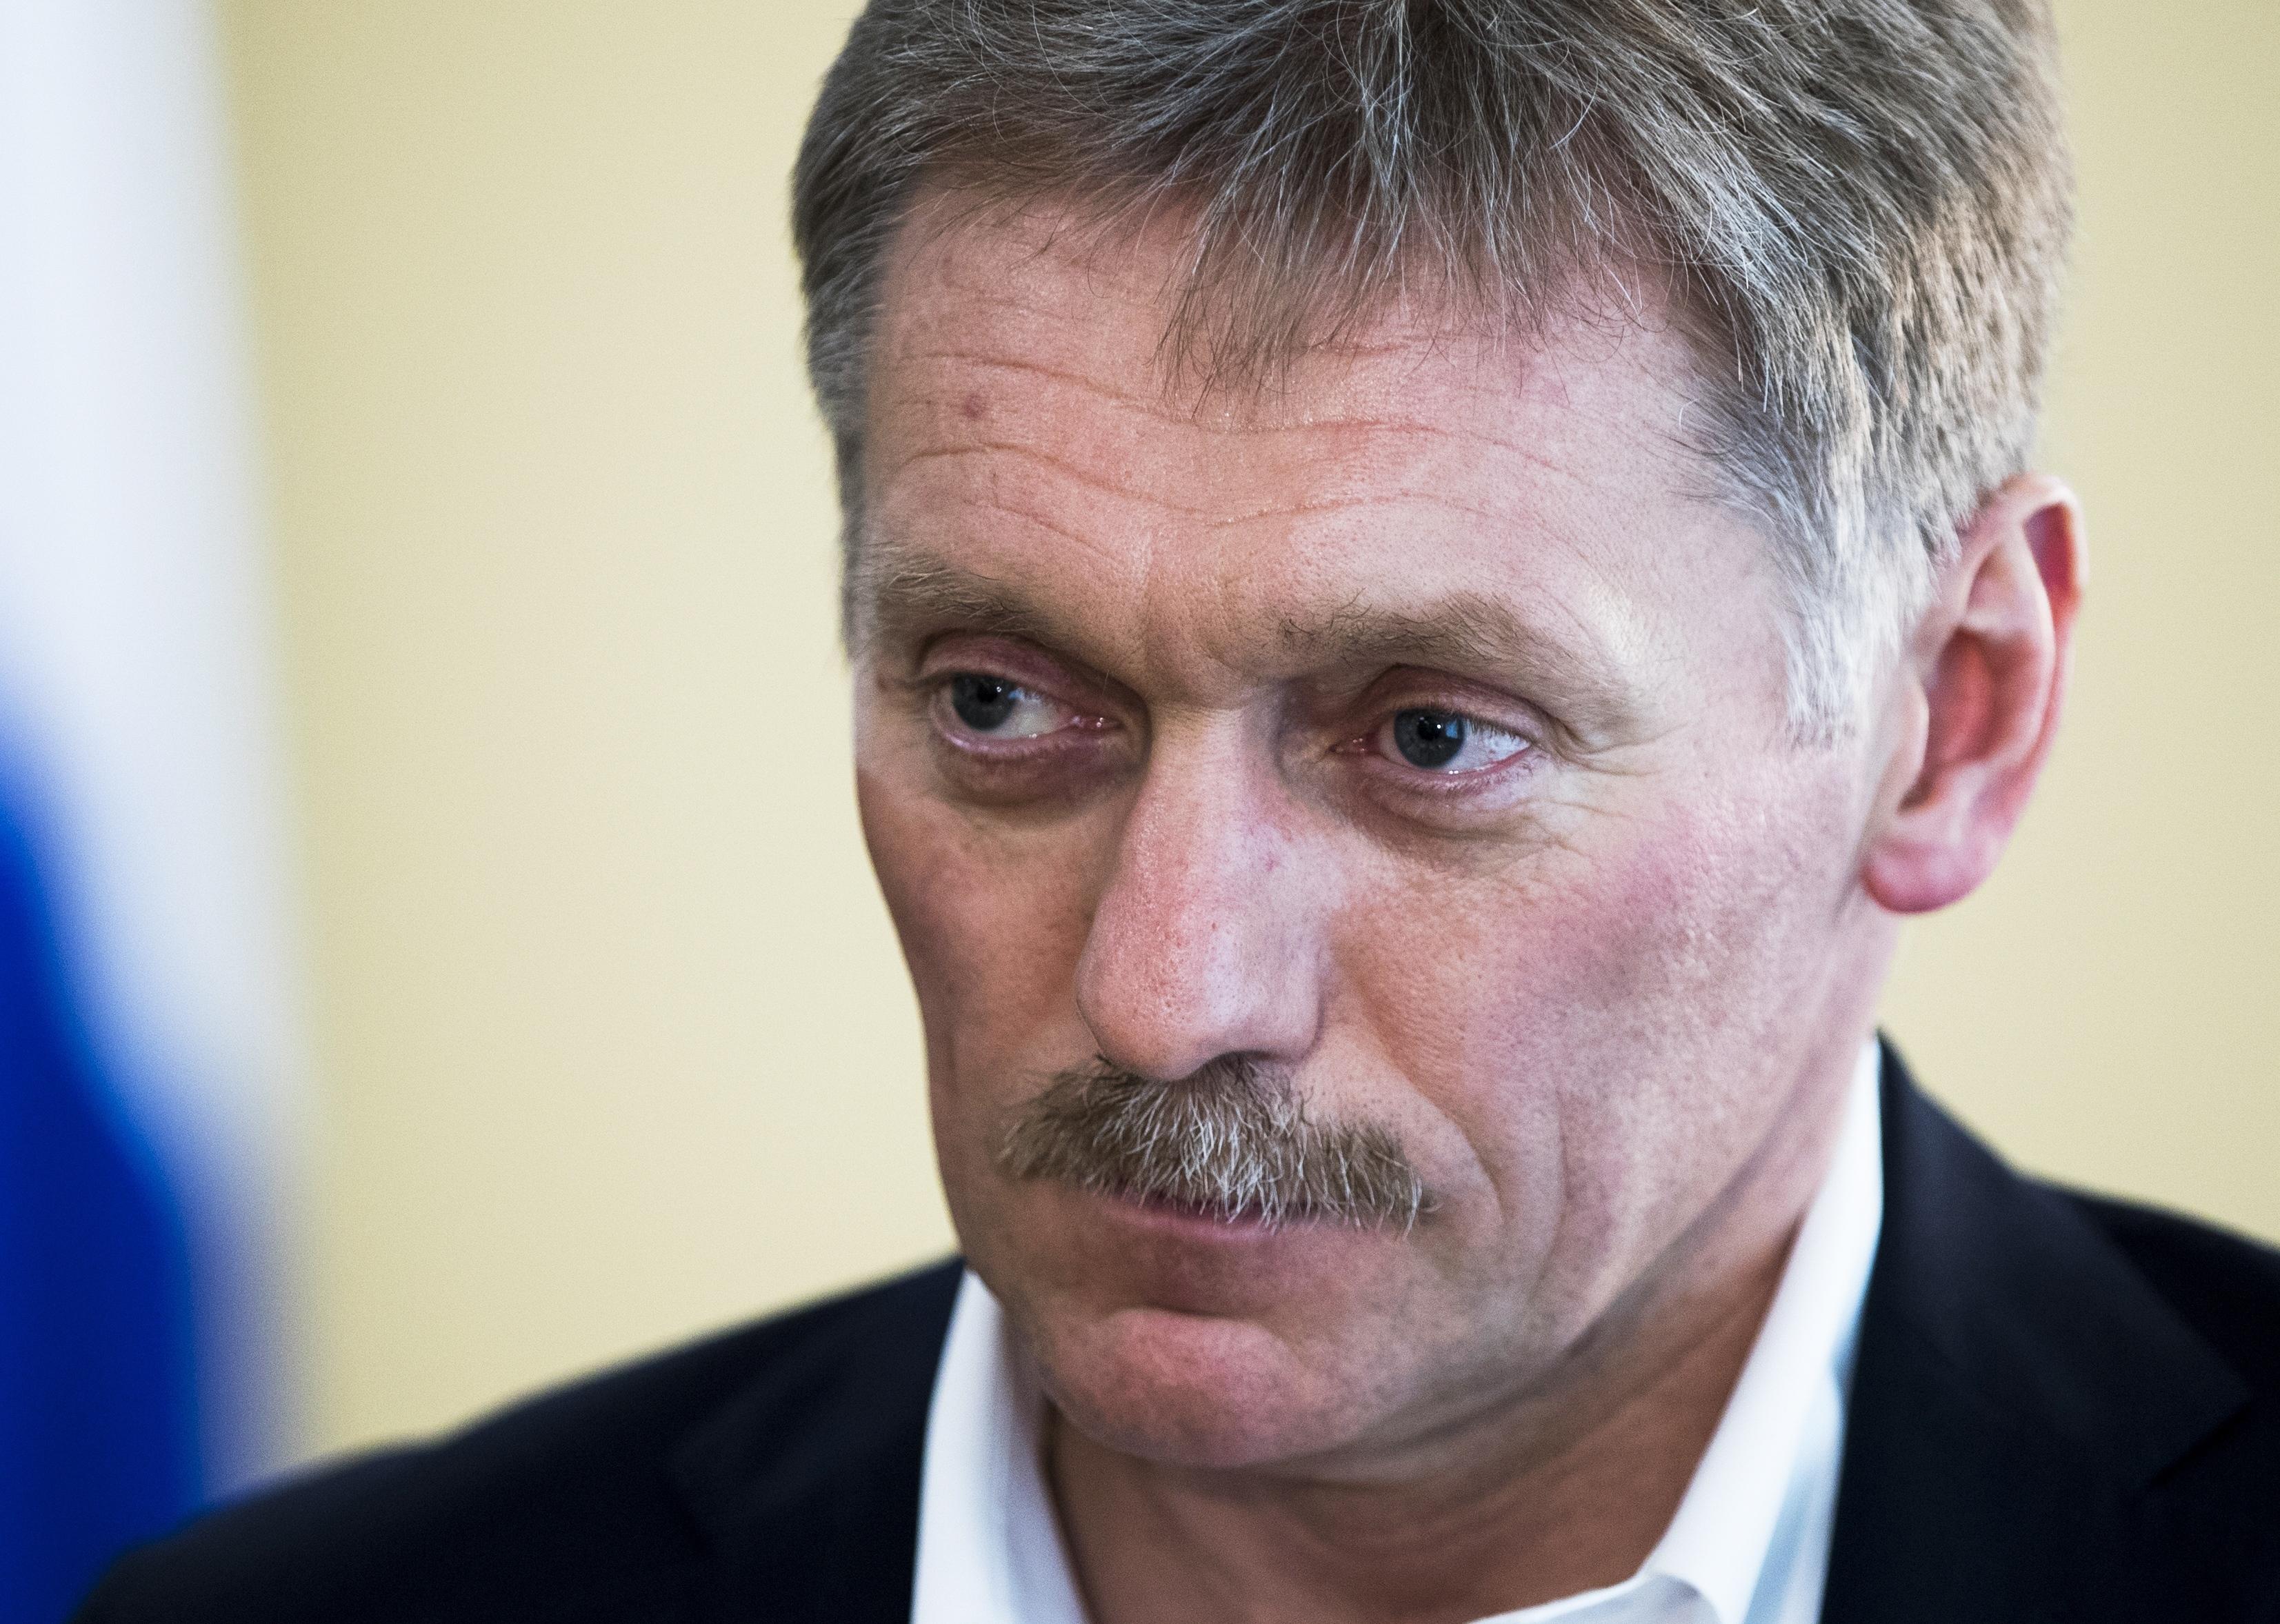 Със САЩ едва ли ще паднем под дъното, каза Песков